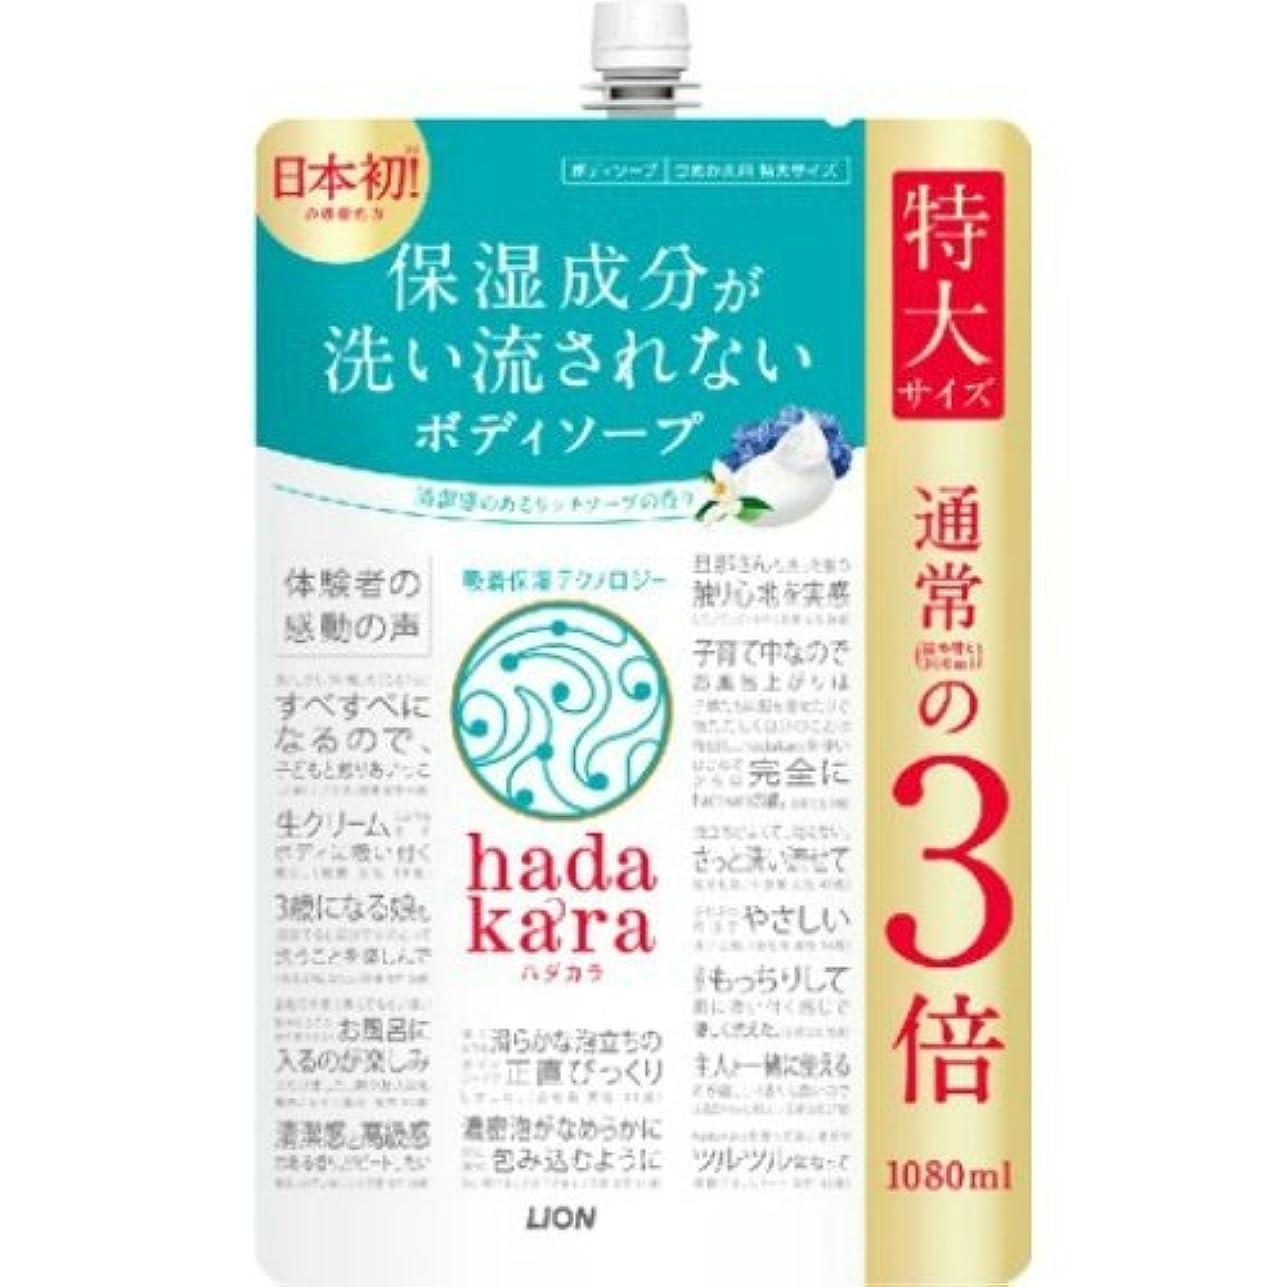 探検エミュレートするファイナンスLION ライオン hadakara ハダカラ ボディソープ リッチソープの香り つめかえ用 特大サイズ 1080ml ×006点セット(4903301260882)